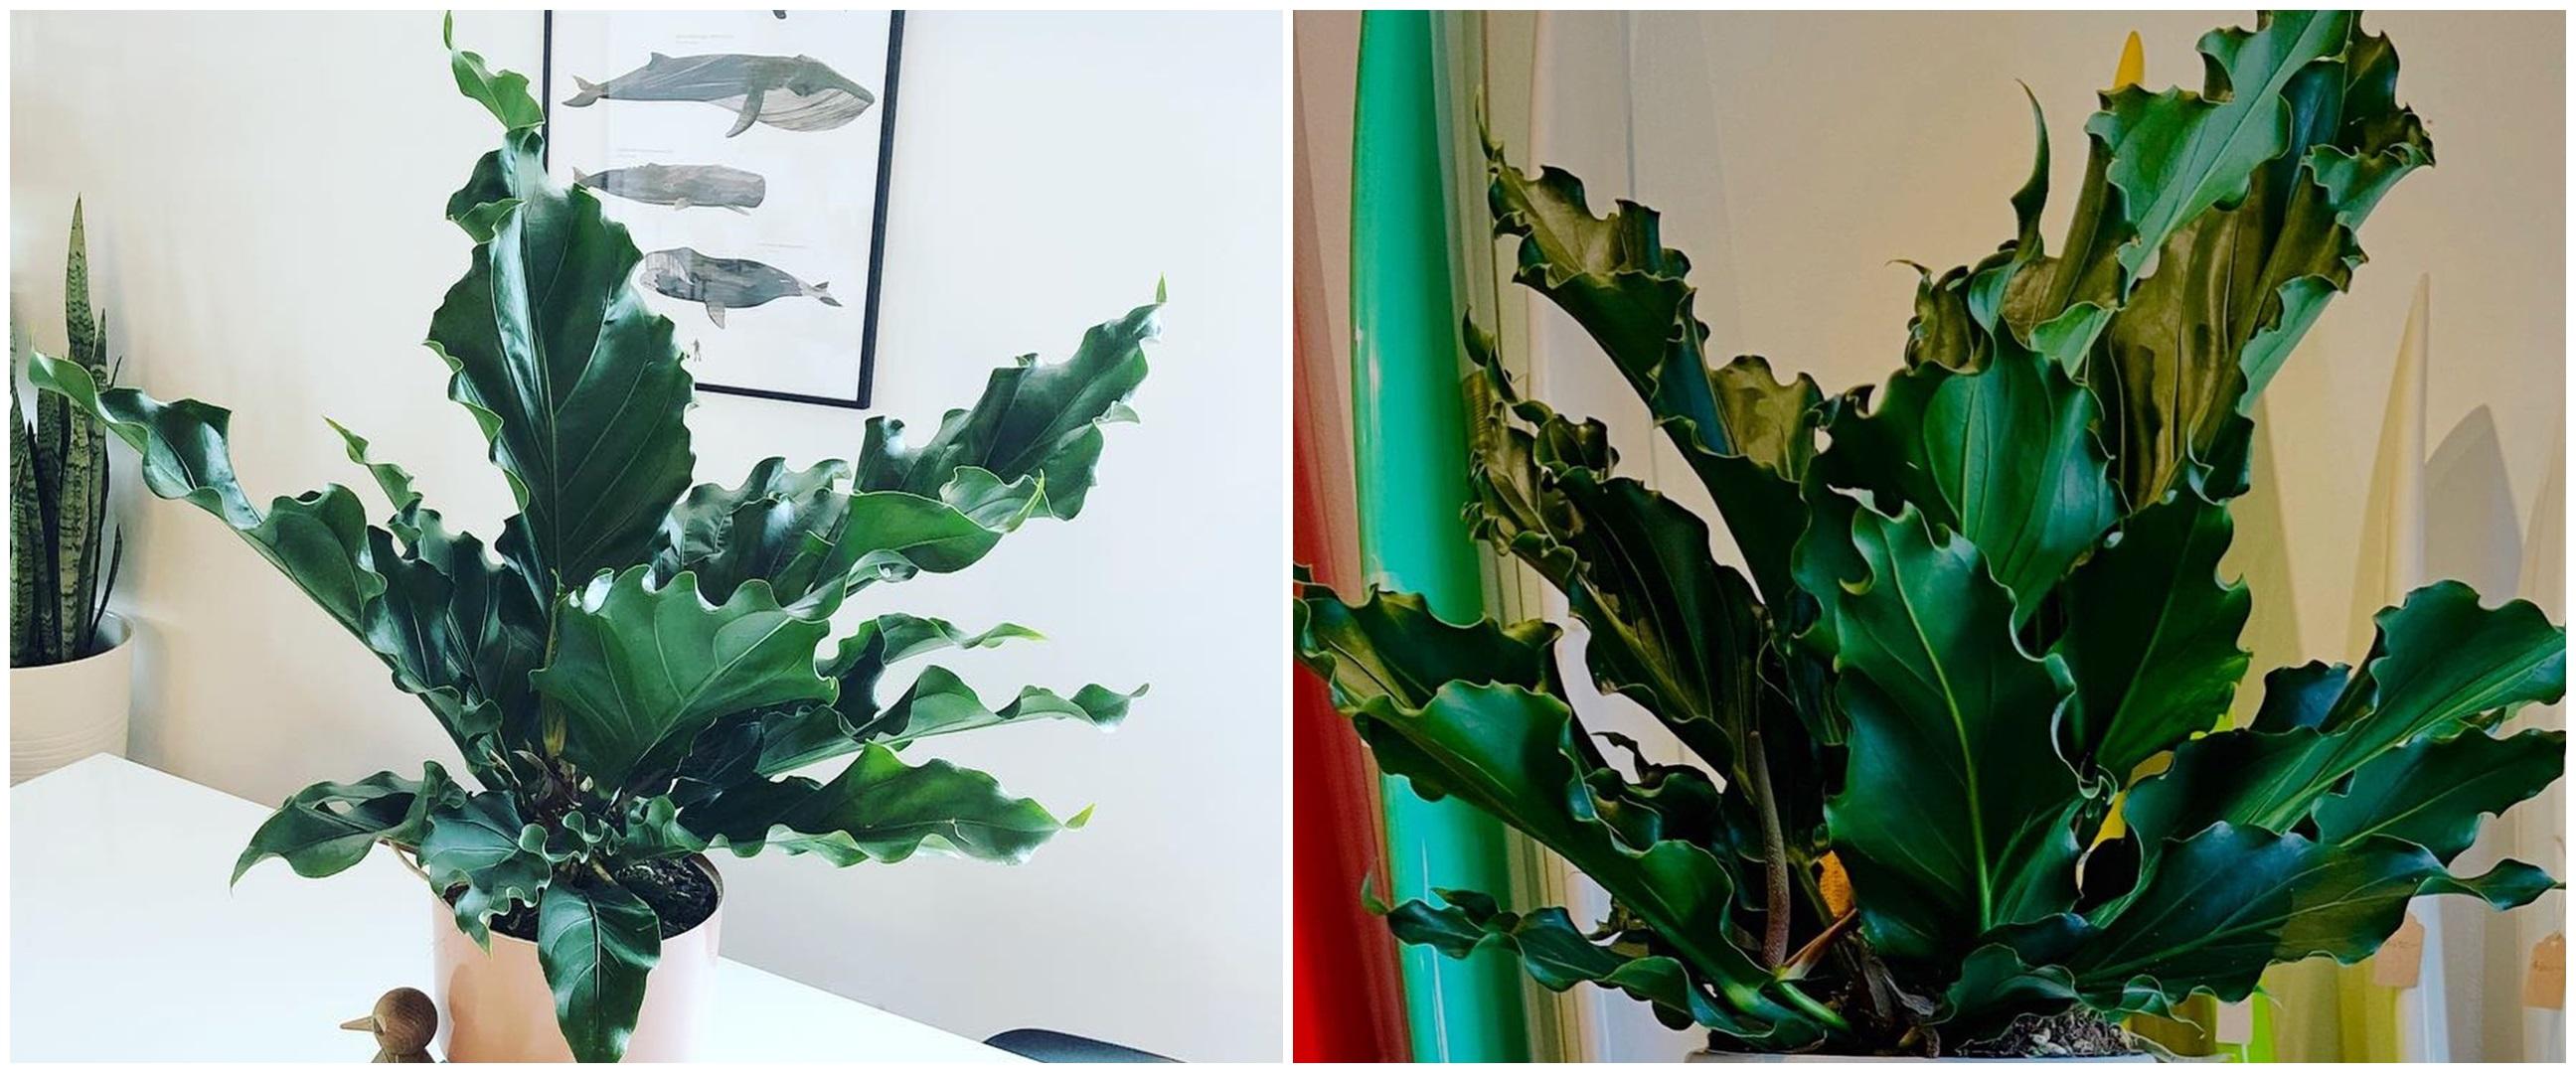 Cara merawat tanaman hias daun gelombang cinta agar subur dan cantik